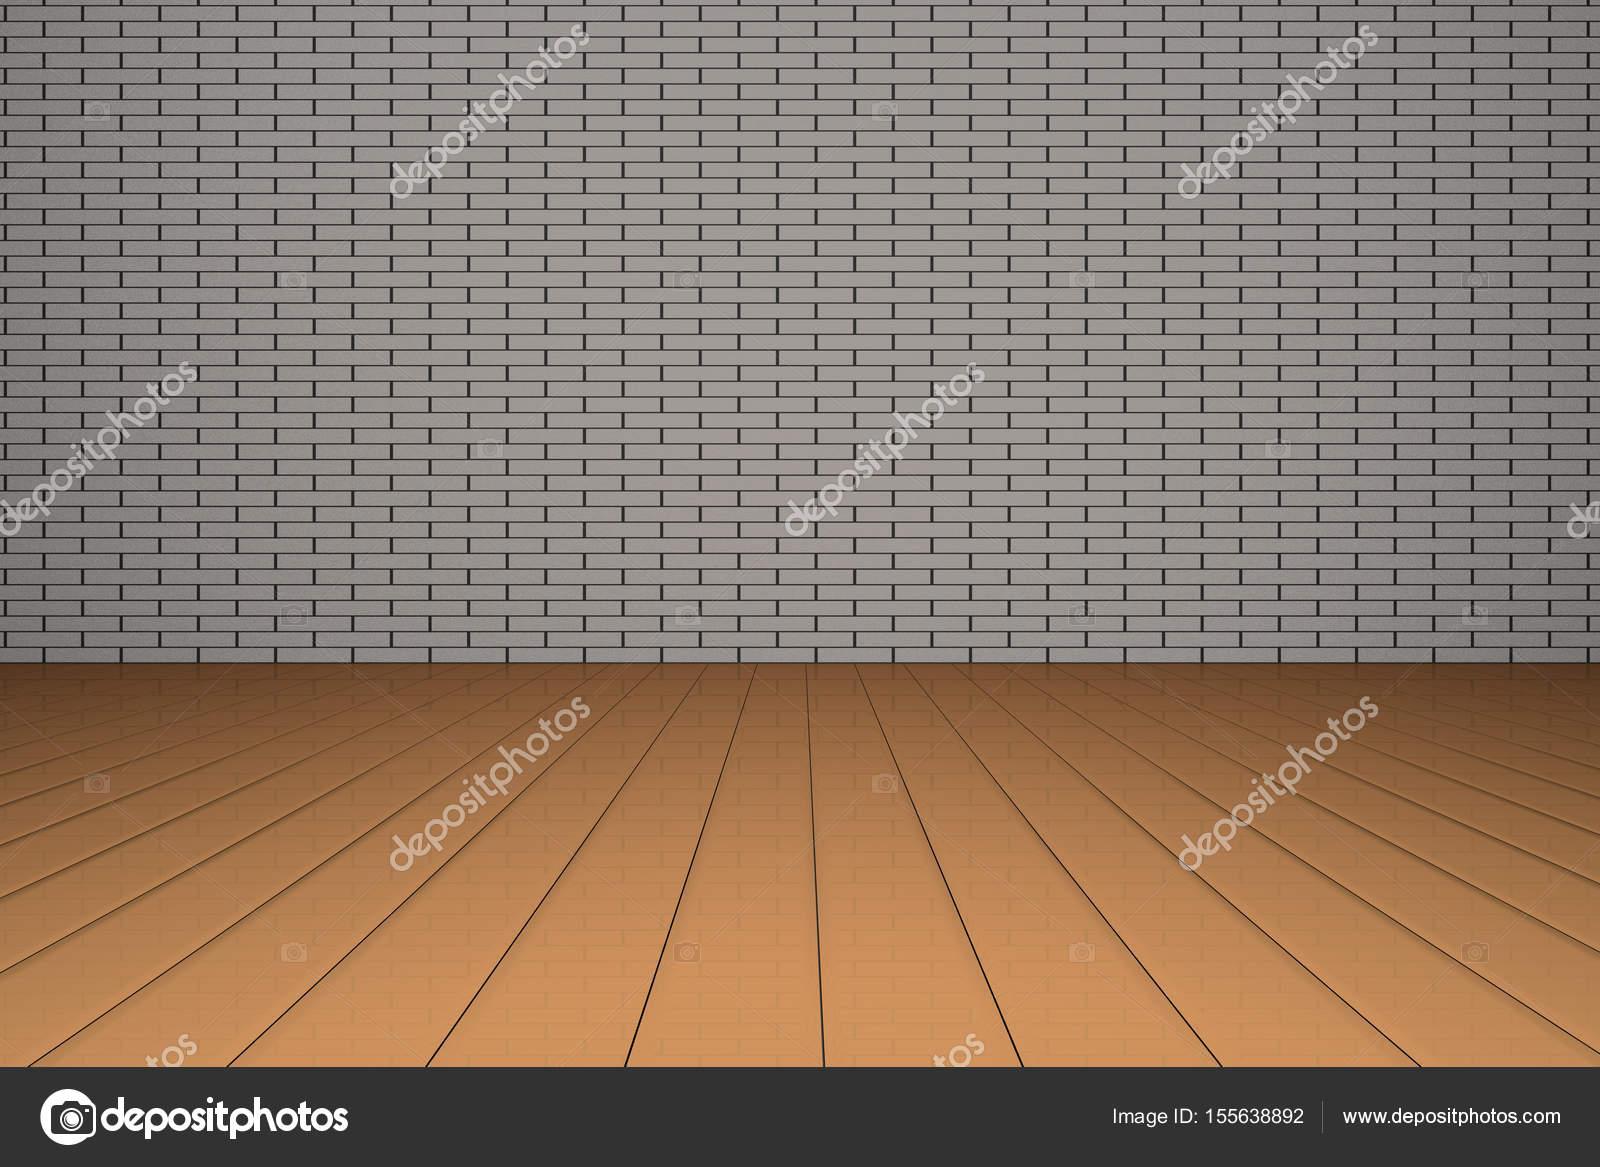 Muur Plank Voor Schilderijen.Illustratie Van Een Grijs Wit Muur En Bruine Vloer Ruimte Voor Het